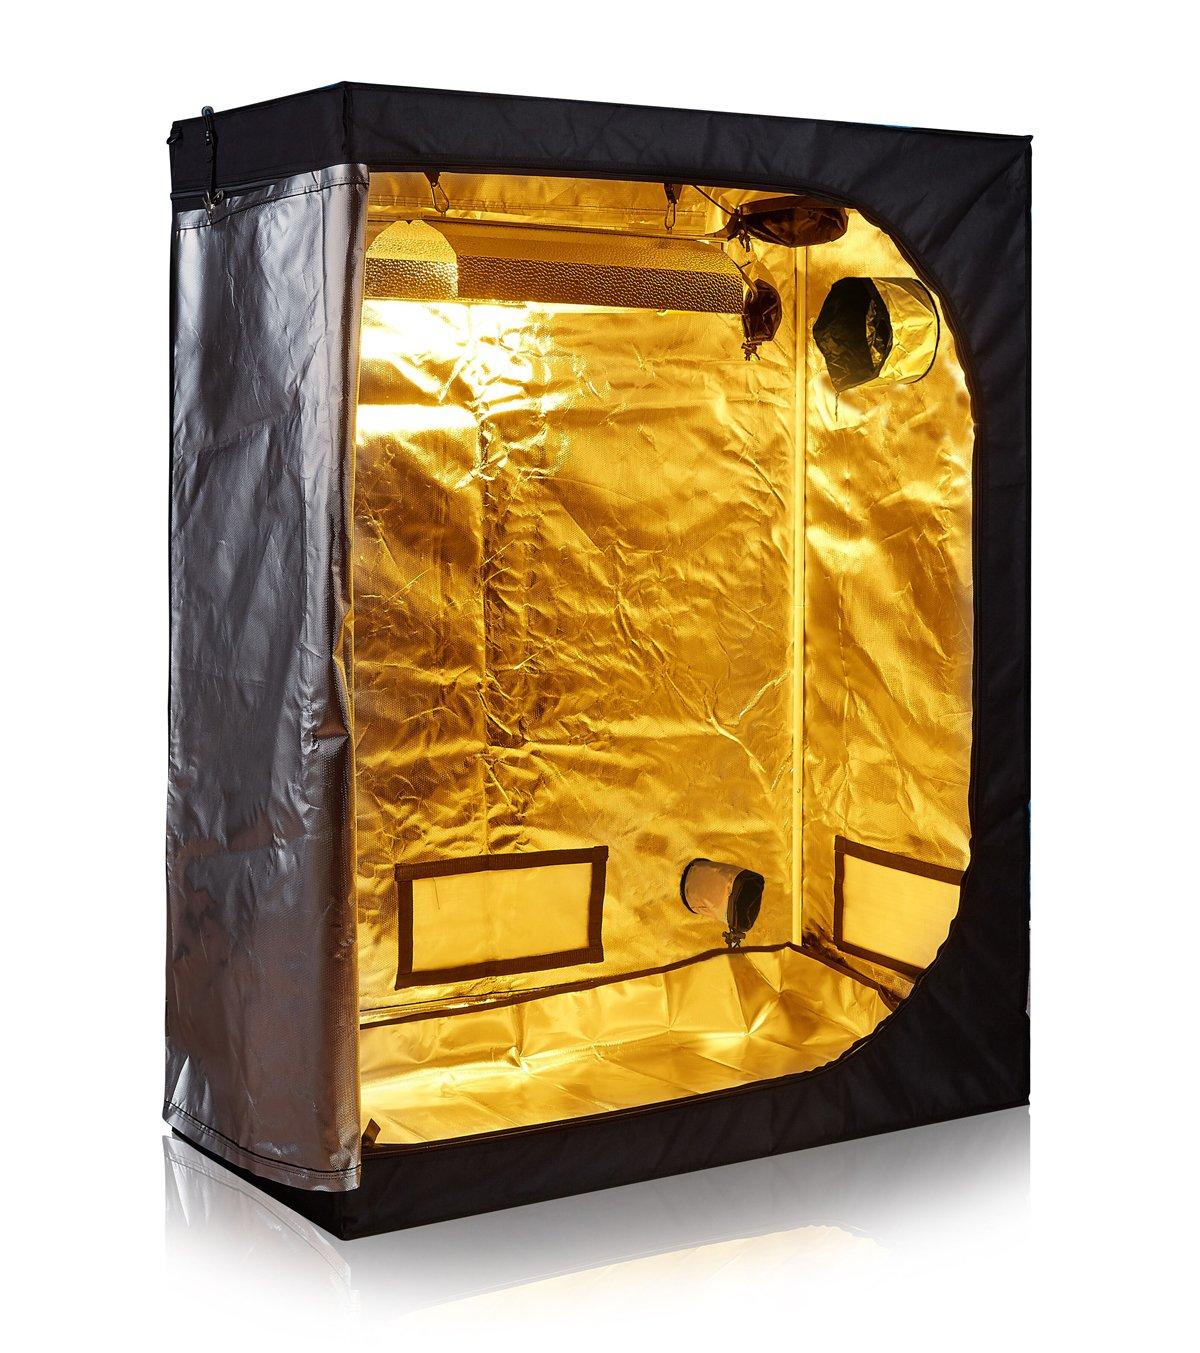 TopoLite 2x4 Indoor Grow Tent